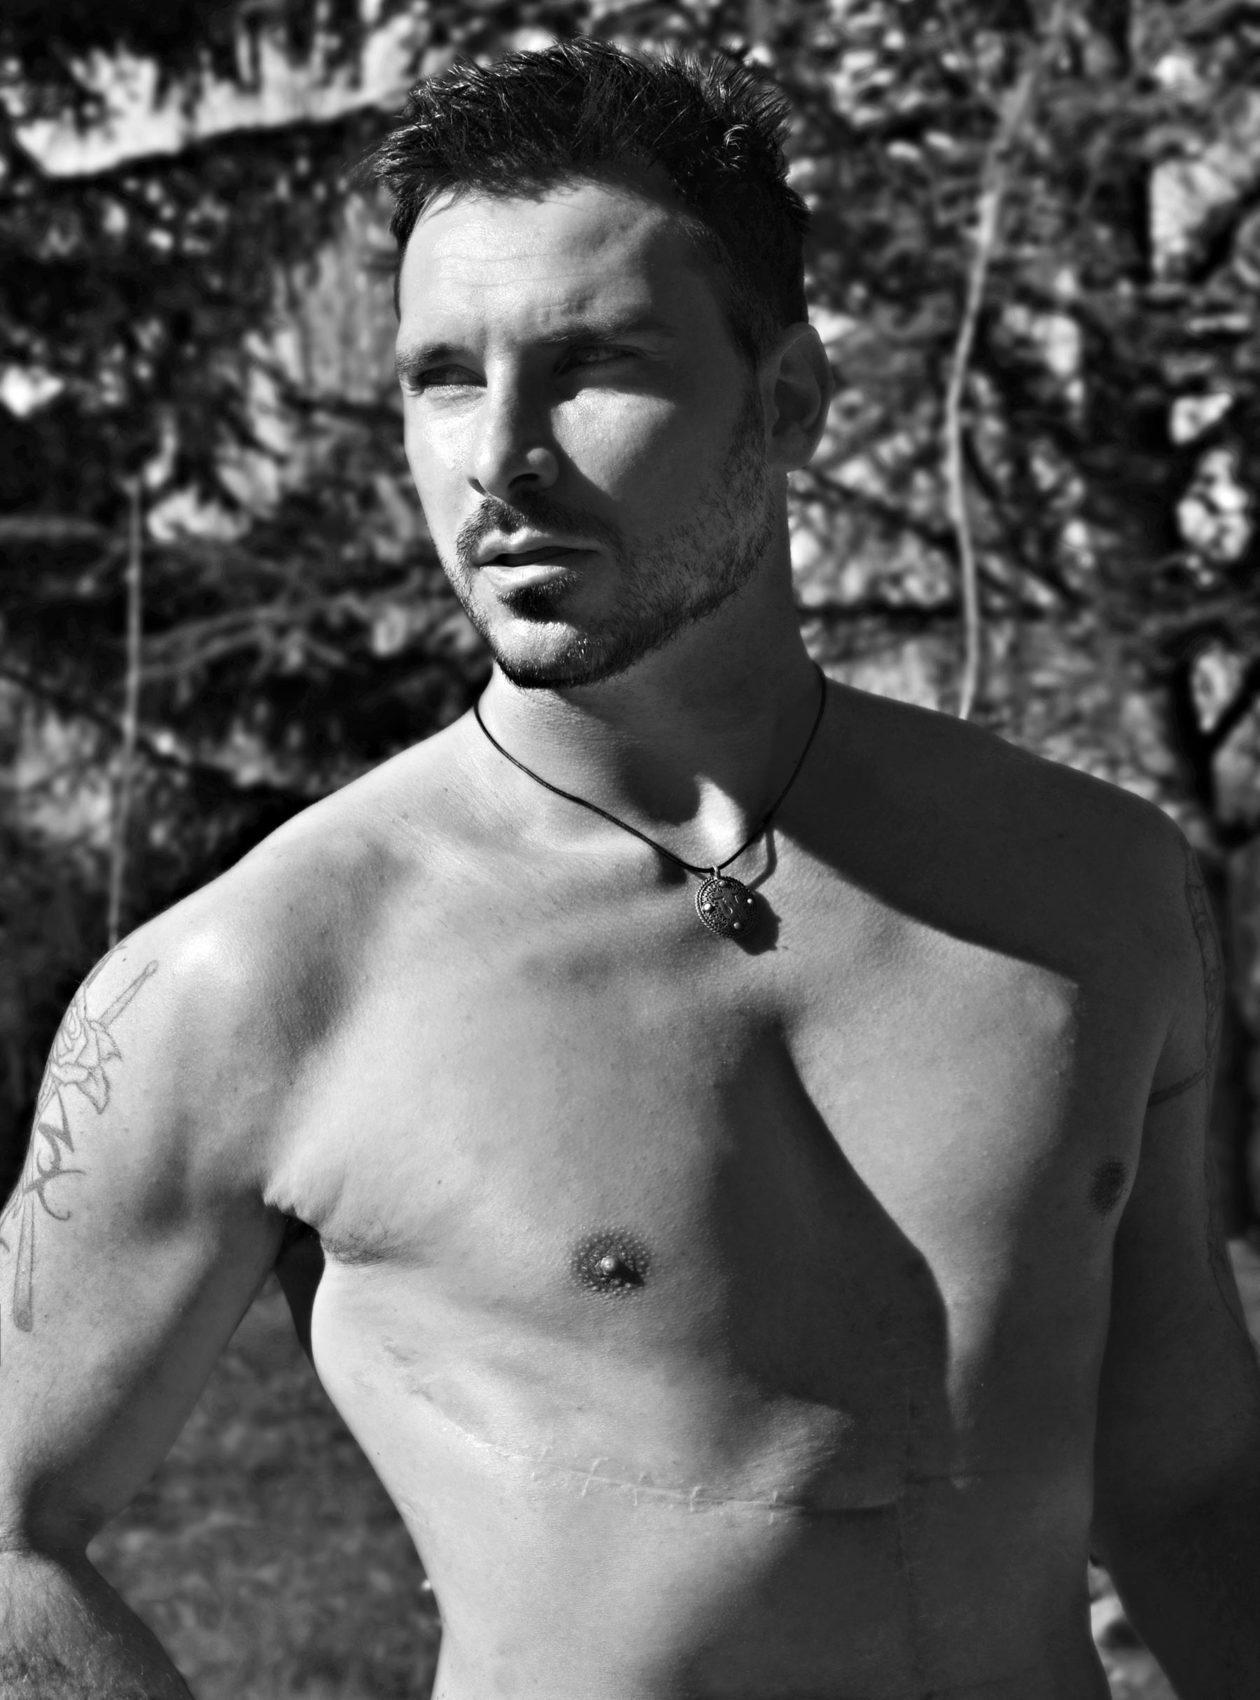 Paul Pedana ritratto in bianco e nero